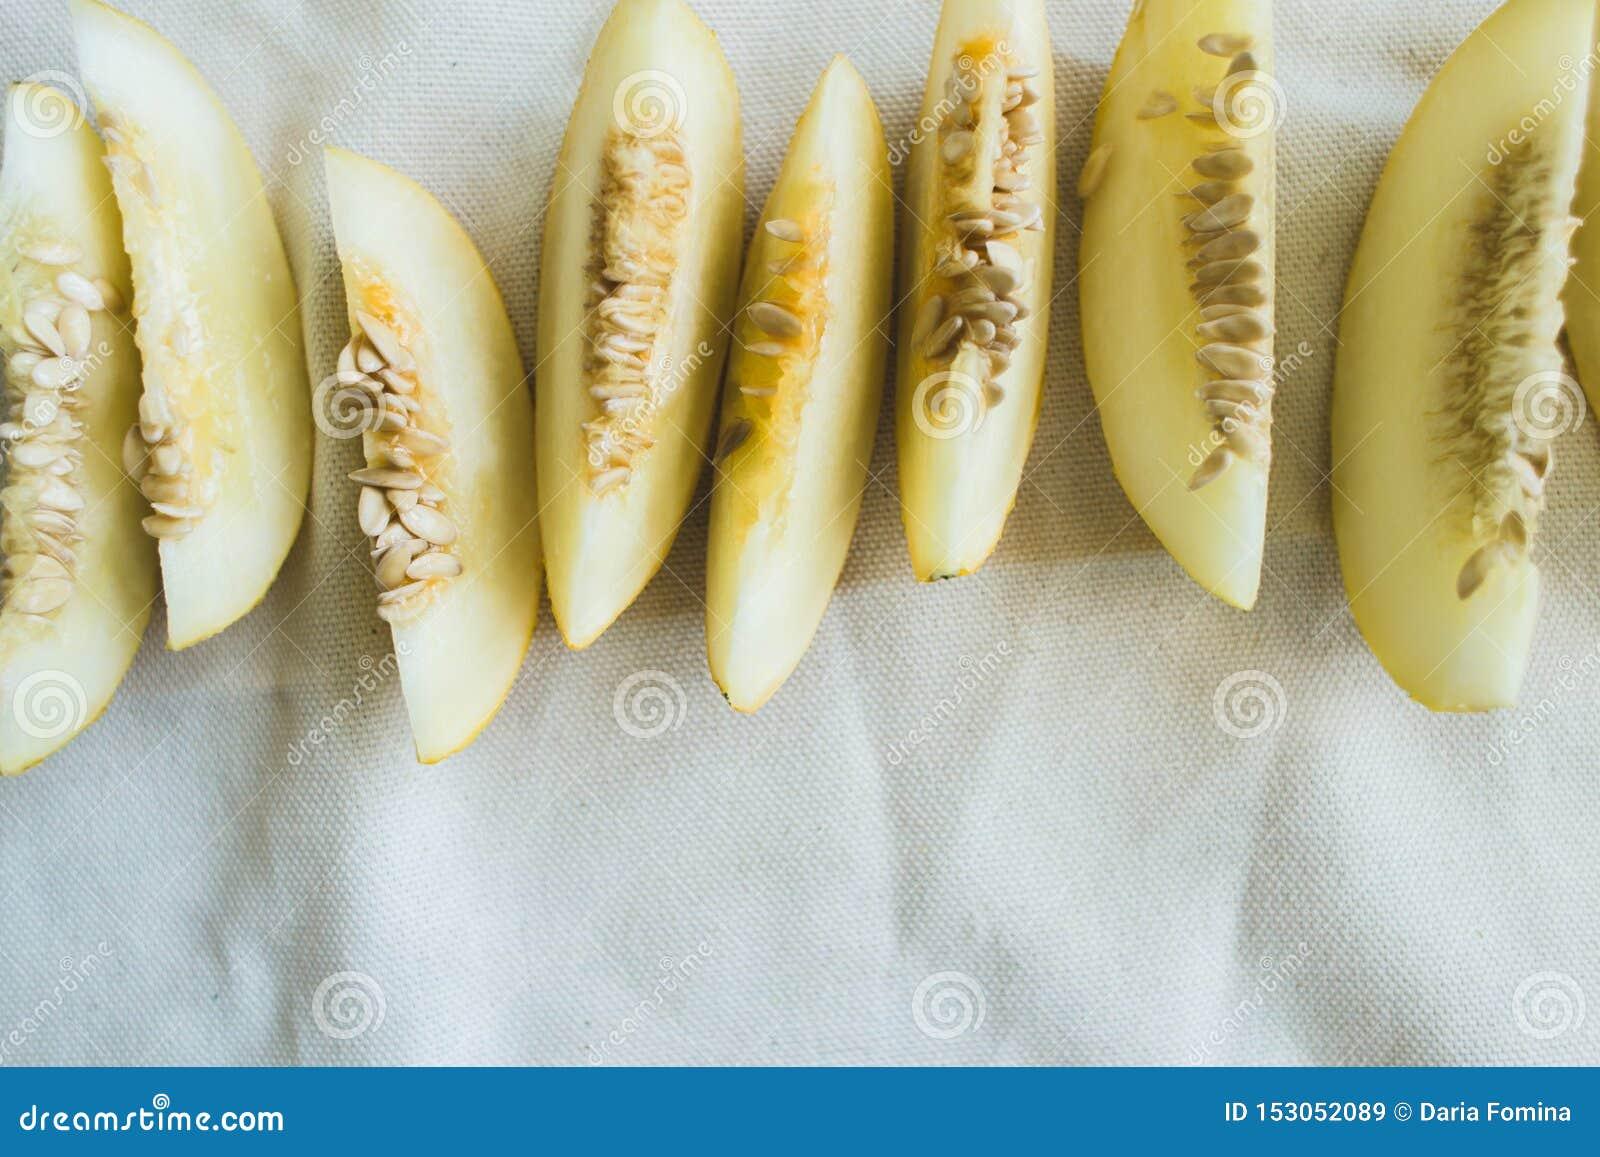 Um grupo de fatias maduras brilhantemente iluminadas do melão